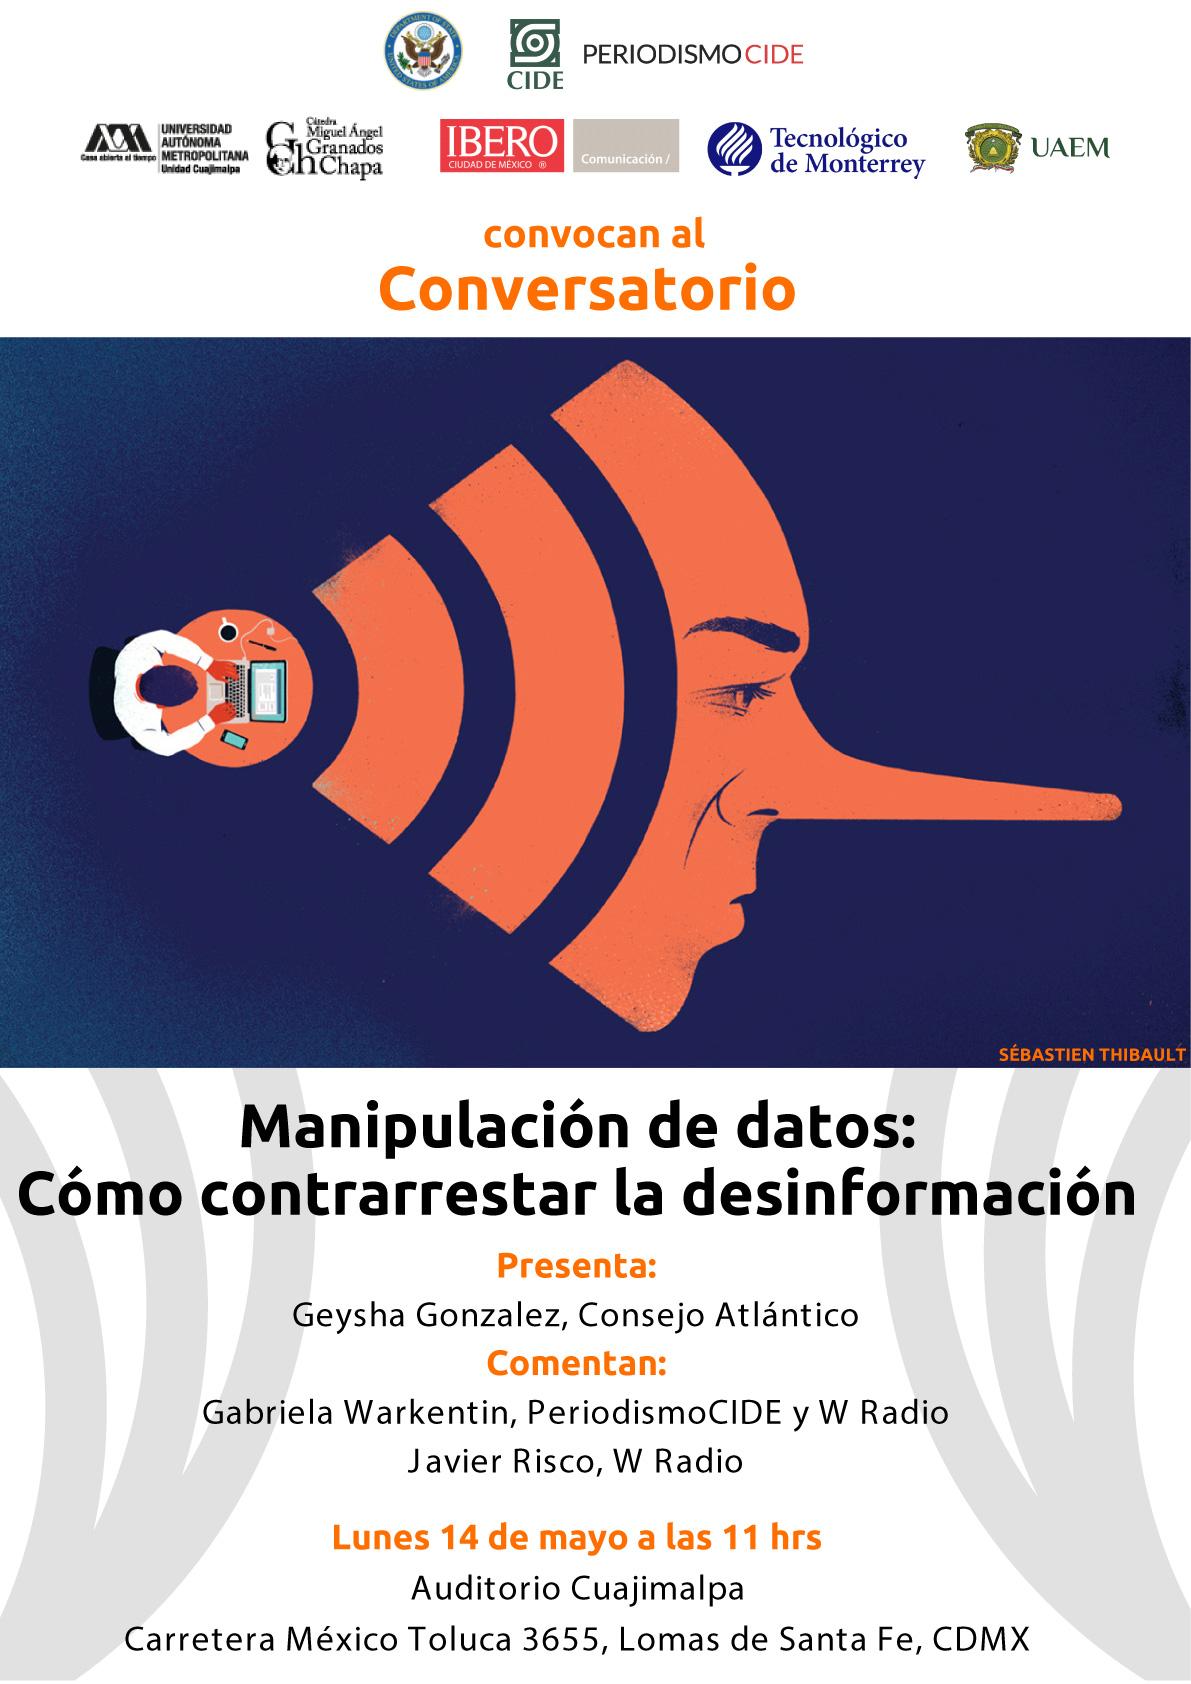 Conversatorio «Manipulación de datos: Cómo contrarrestar la desinformación»